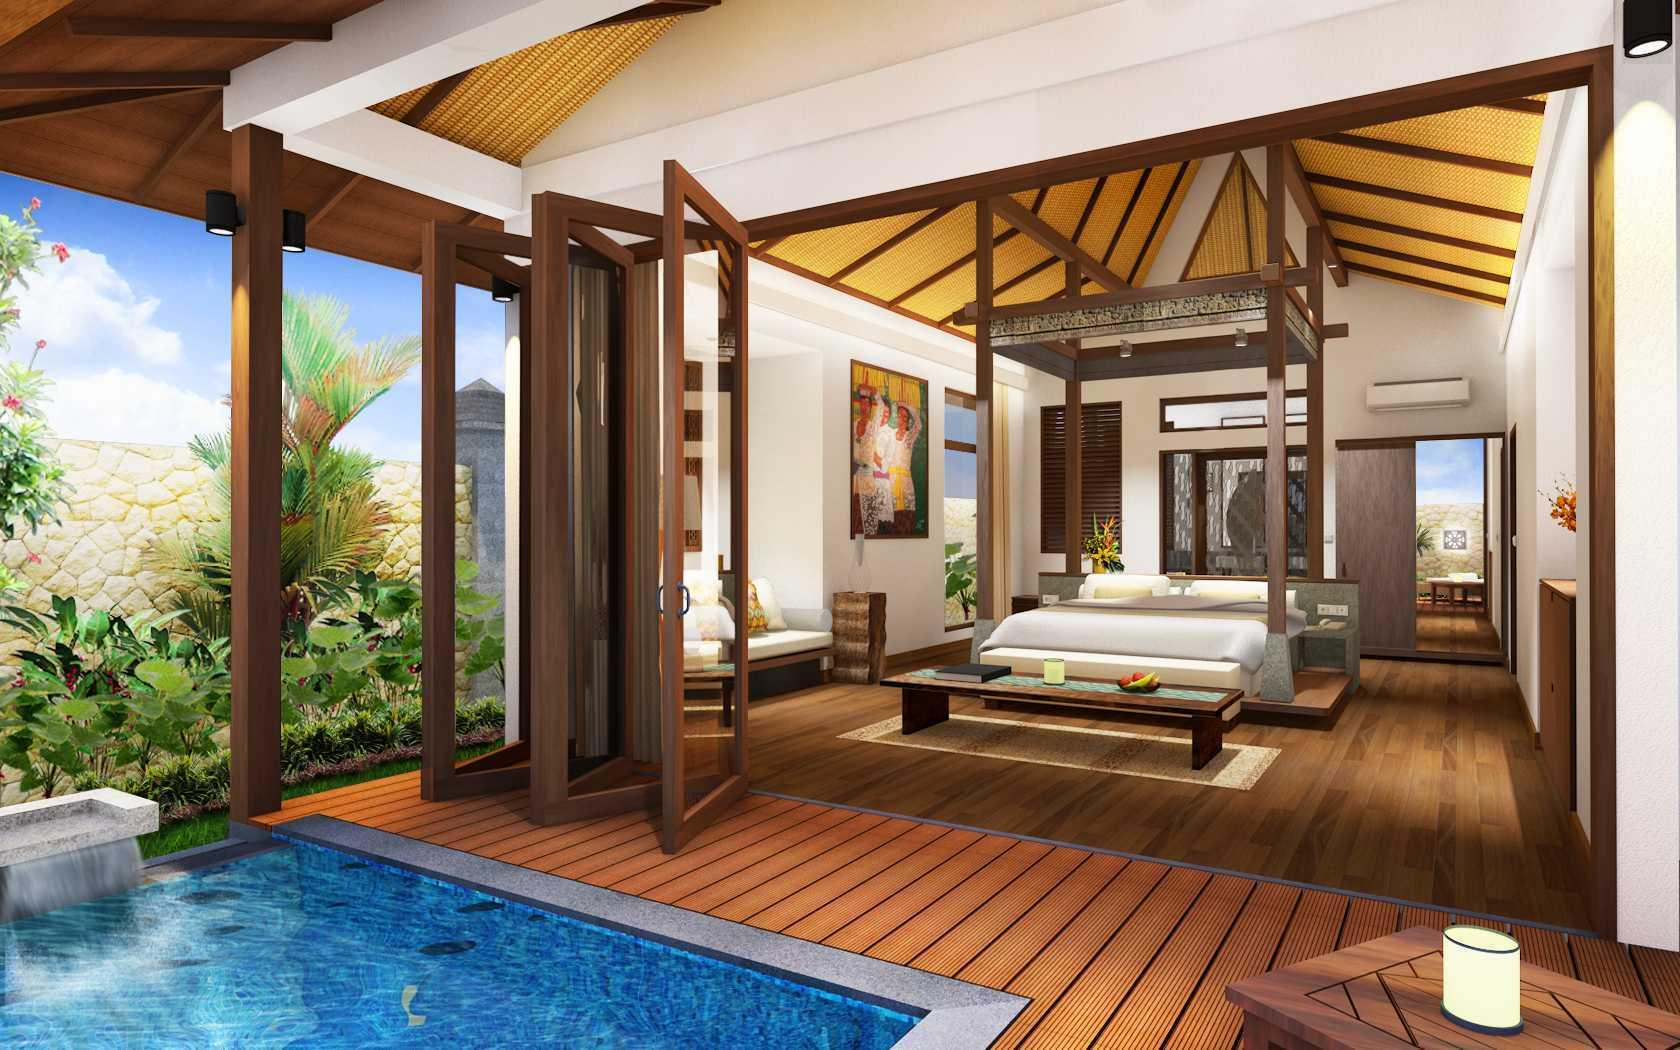 Mta Singhasari Resort Malang, East Java Malang, East Java 1 Bedroom Villa Exterior   8770